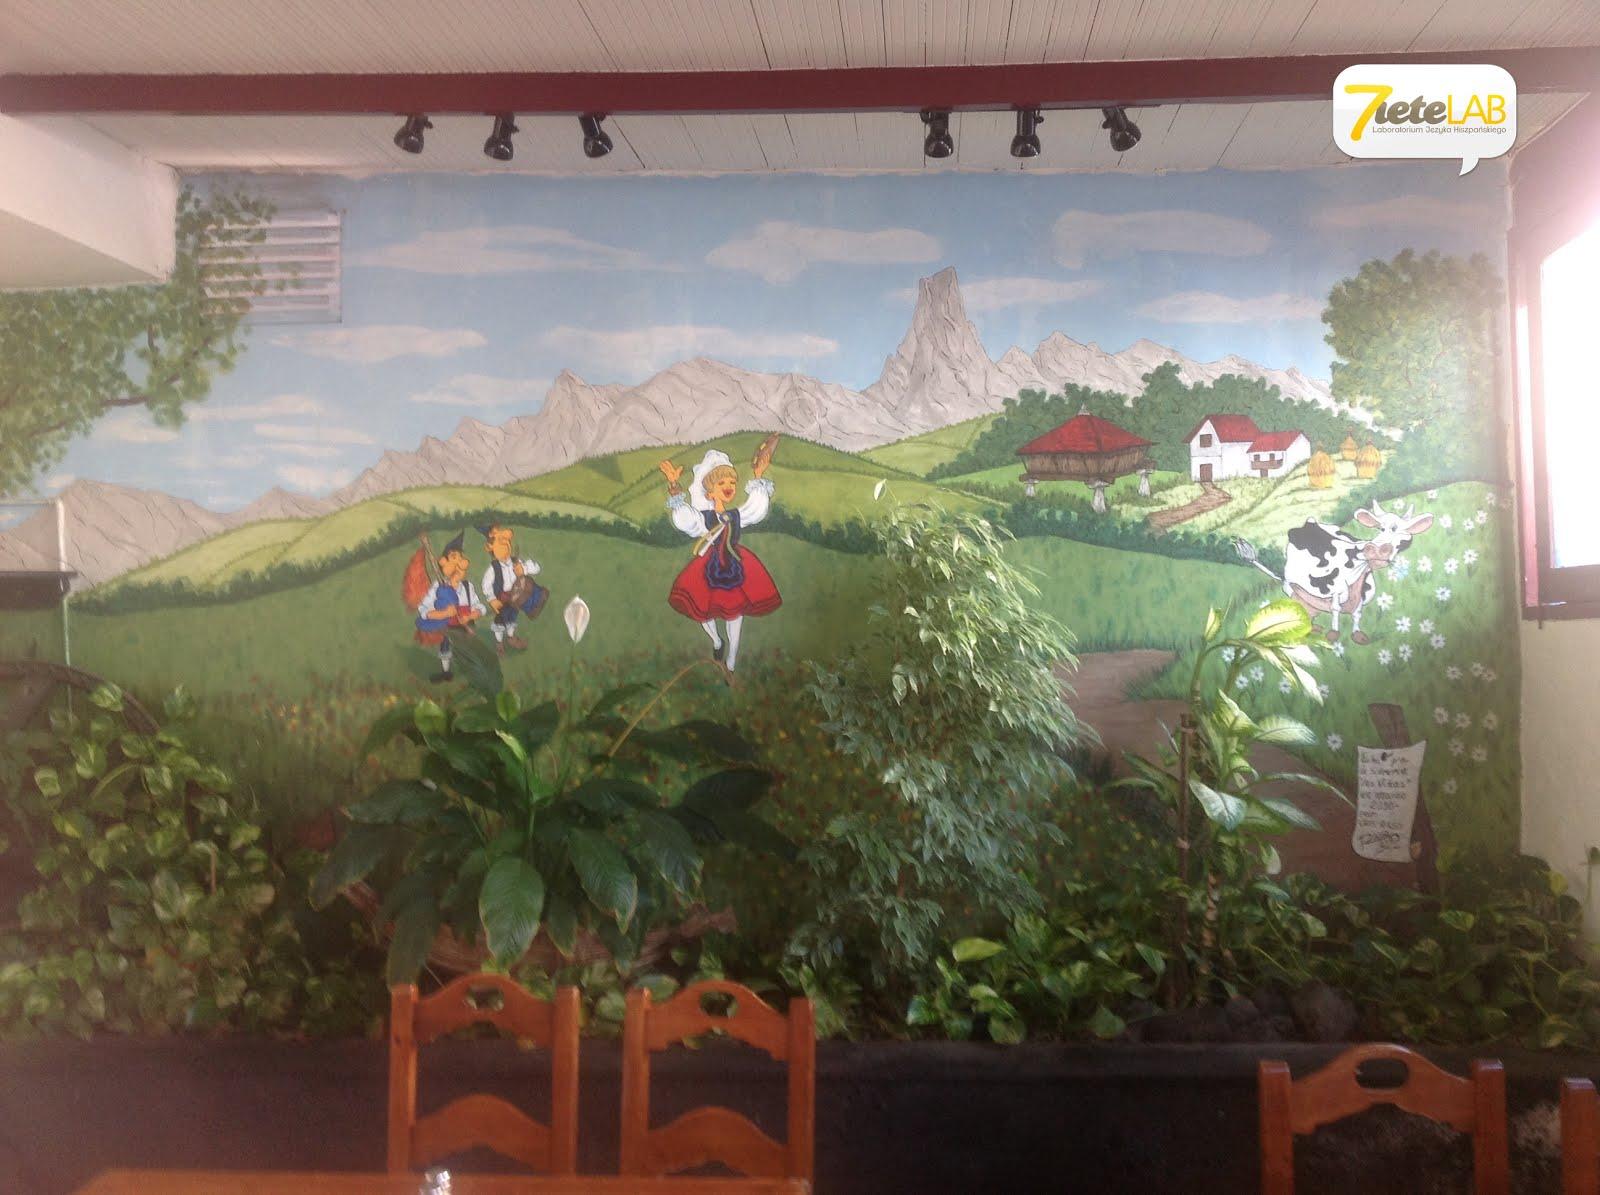 7ieteLAB español - Mural en la entrada de la Sidrería Grill Las Viñas (Playa Honda)